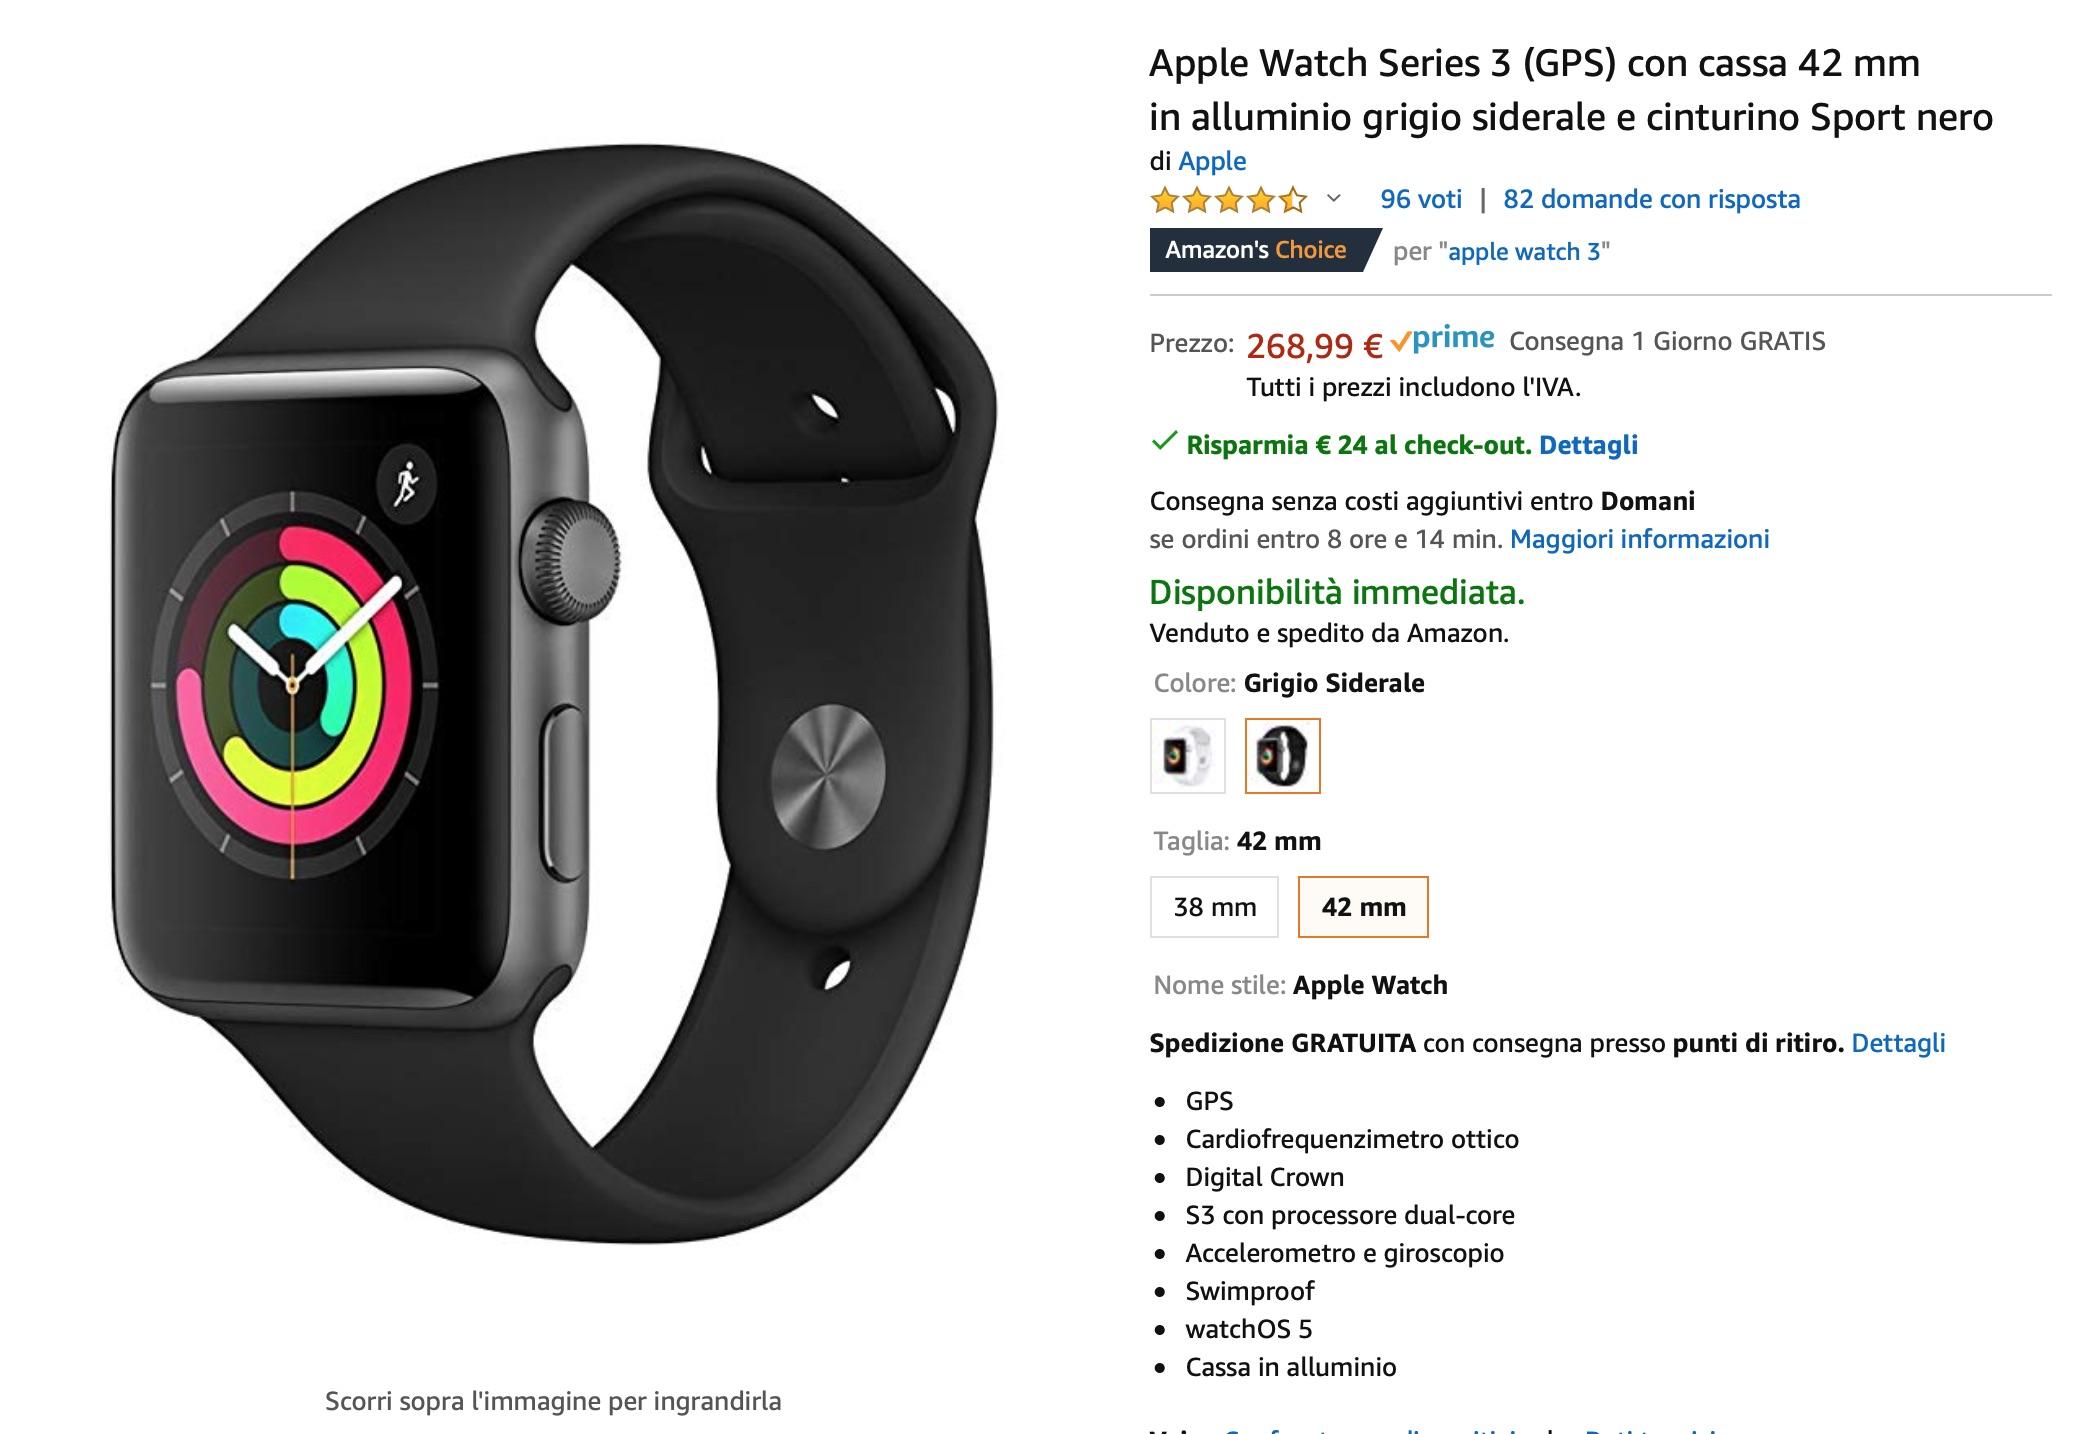 """Amazon sconti """"segreto"""" per Apple Watch 5 e Apple Watch 3: prezzi da 245€"""